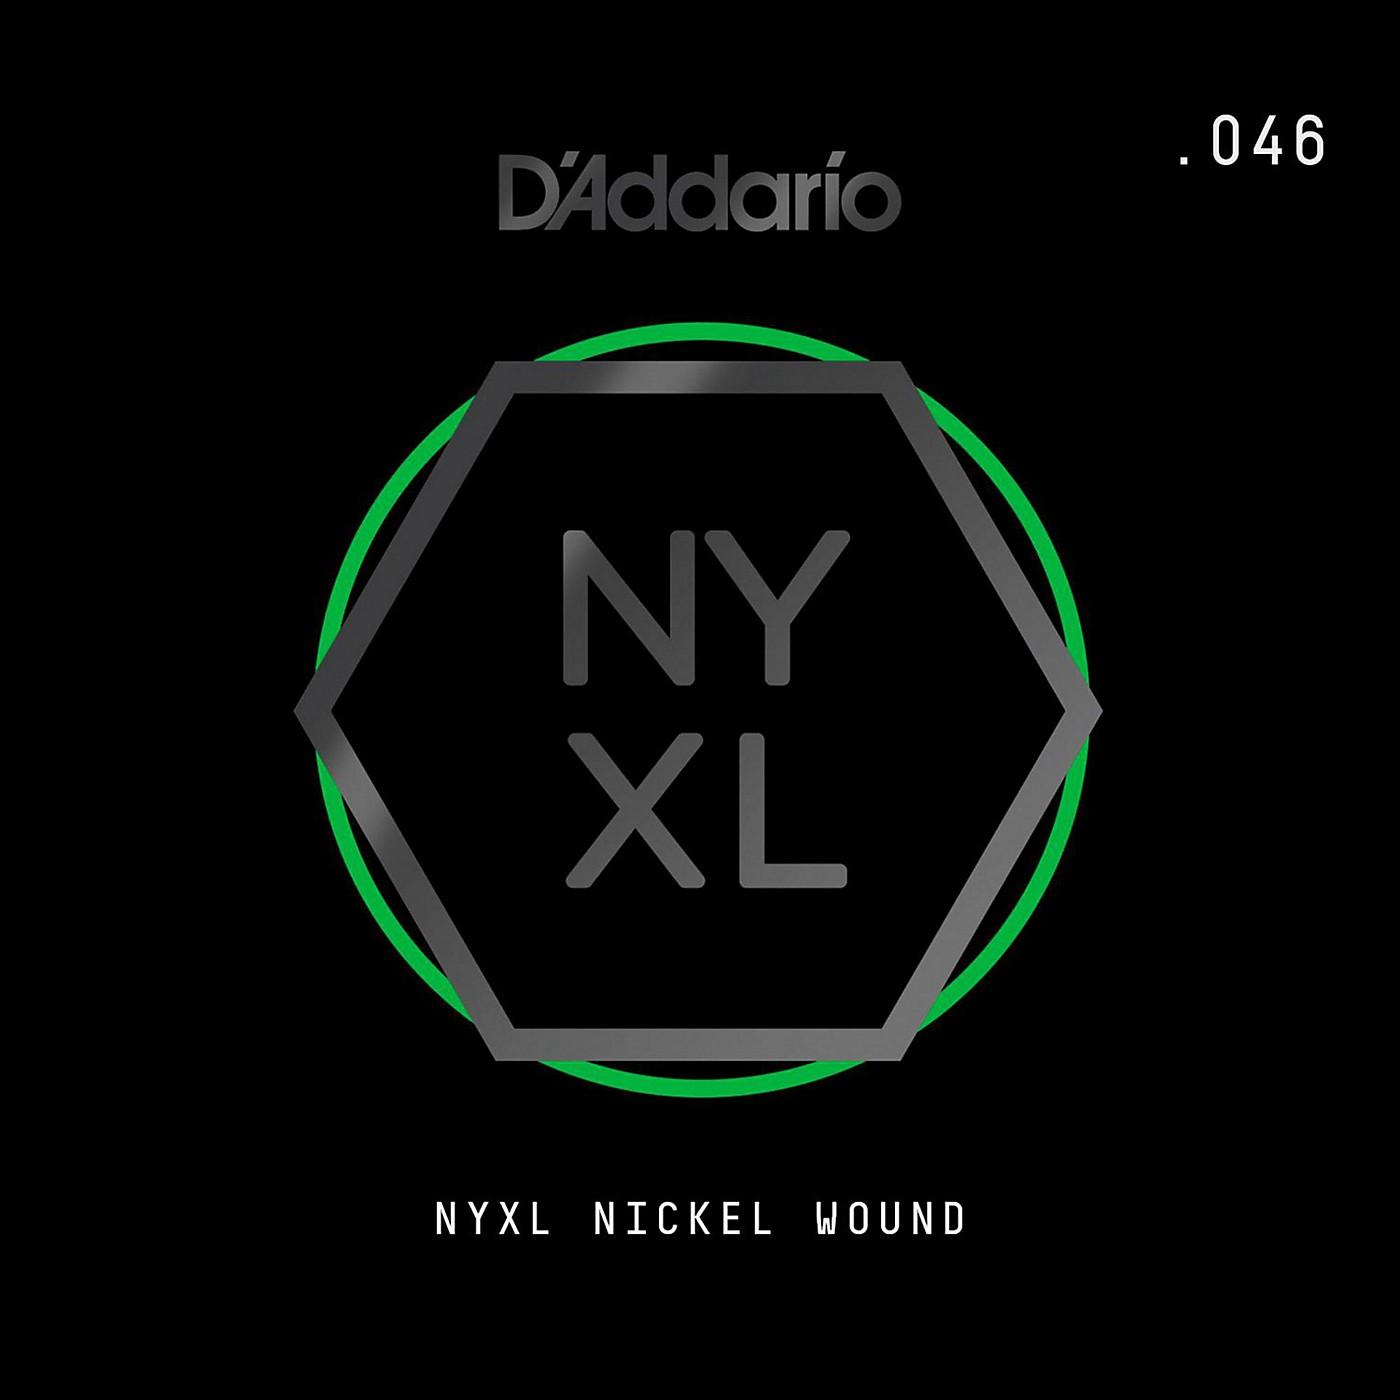 D'Addario NYNW046 NYXL Nickel Wound Electric Guitar Single String, .046 thumbnail